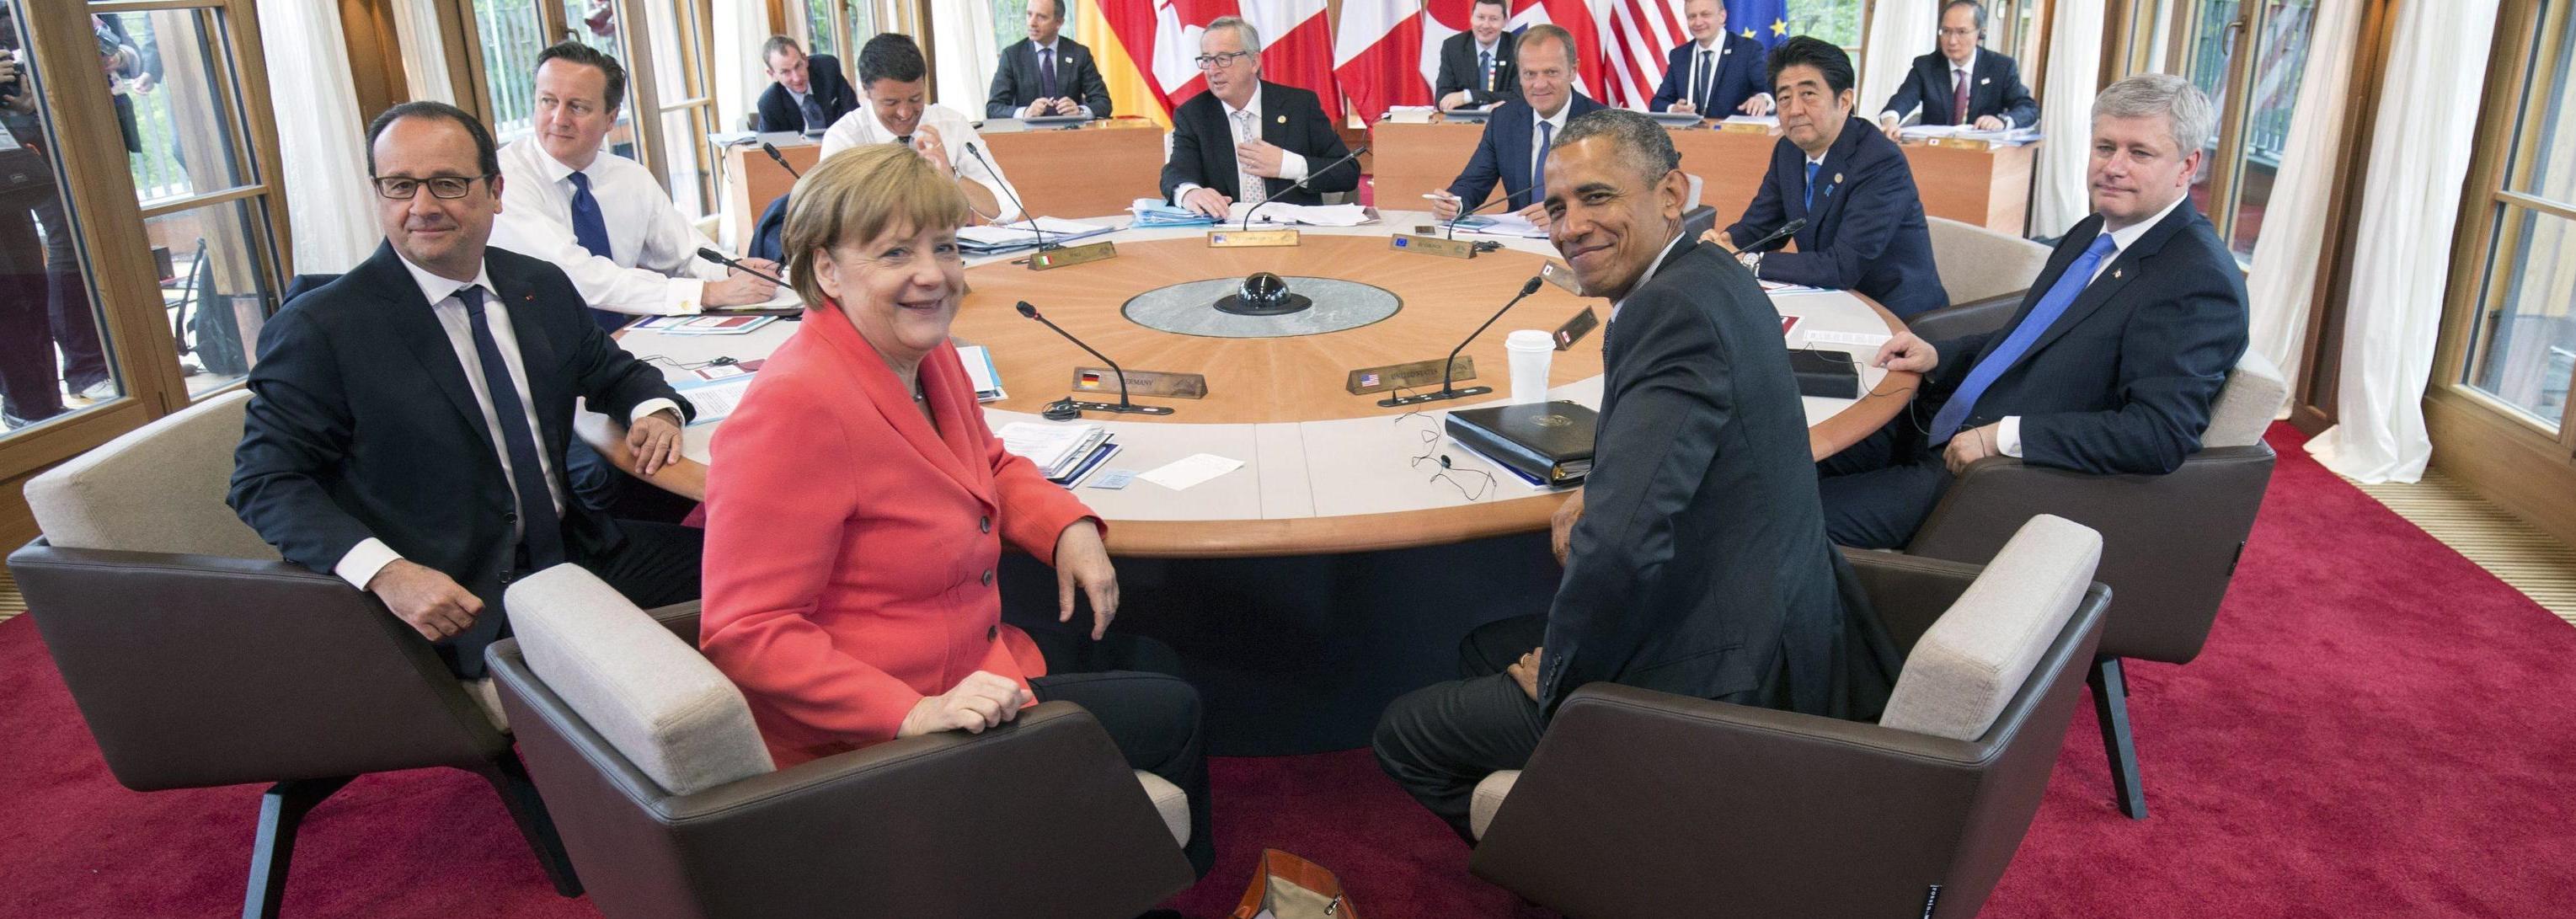 Foto di gruppo del G7